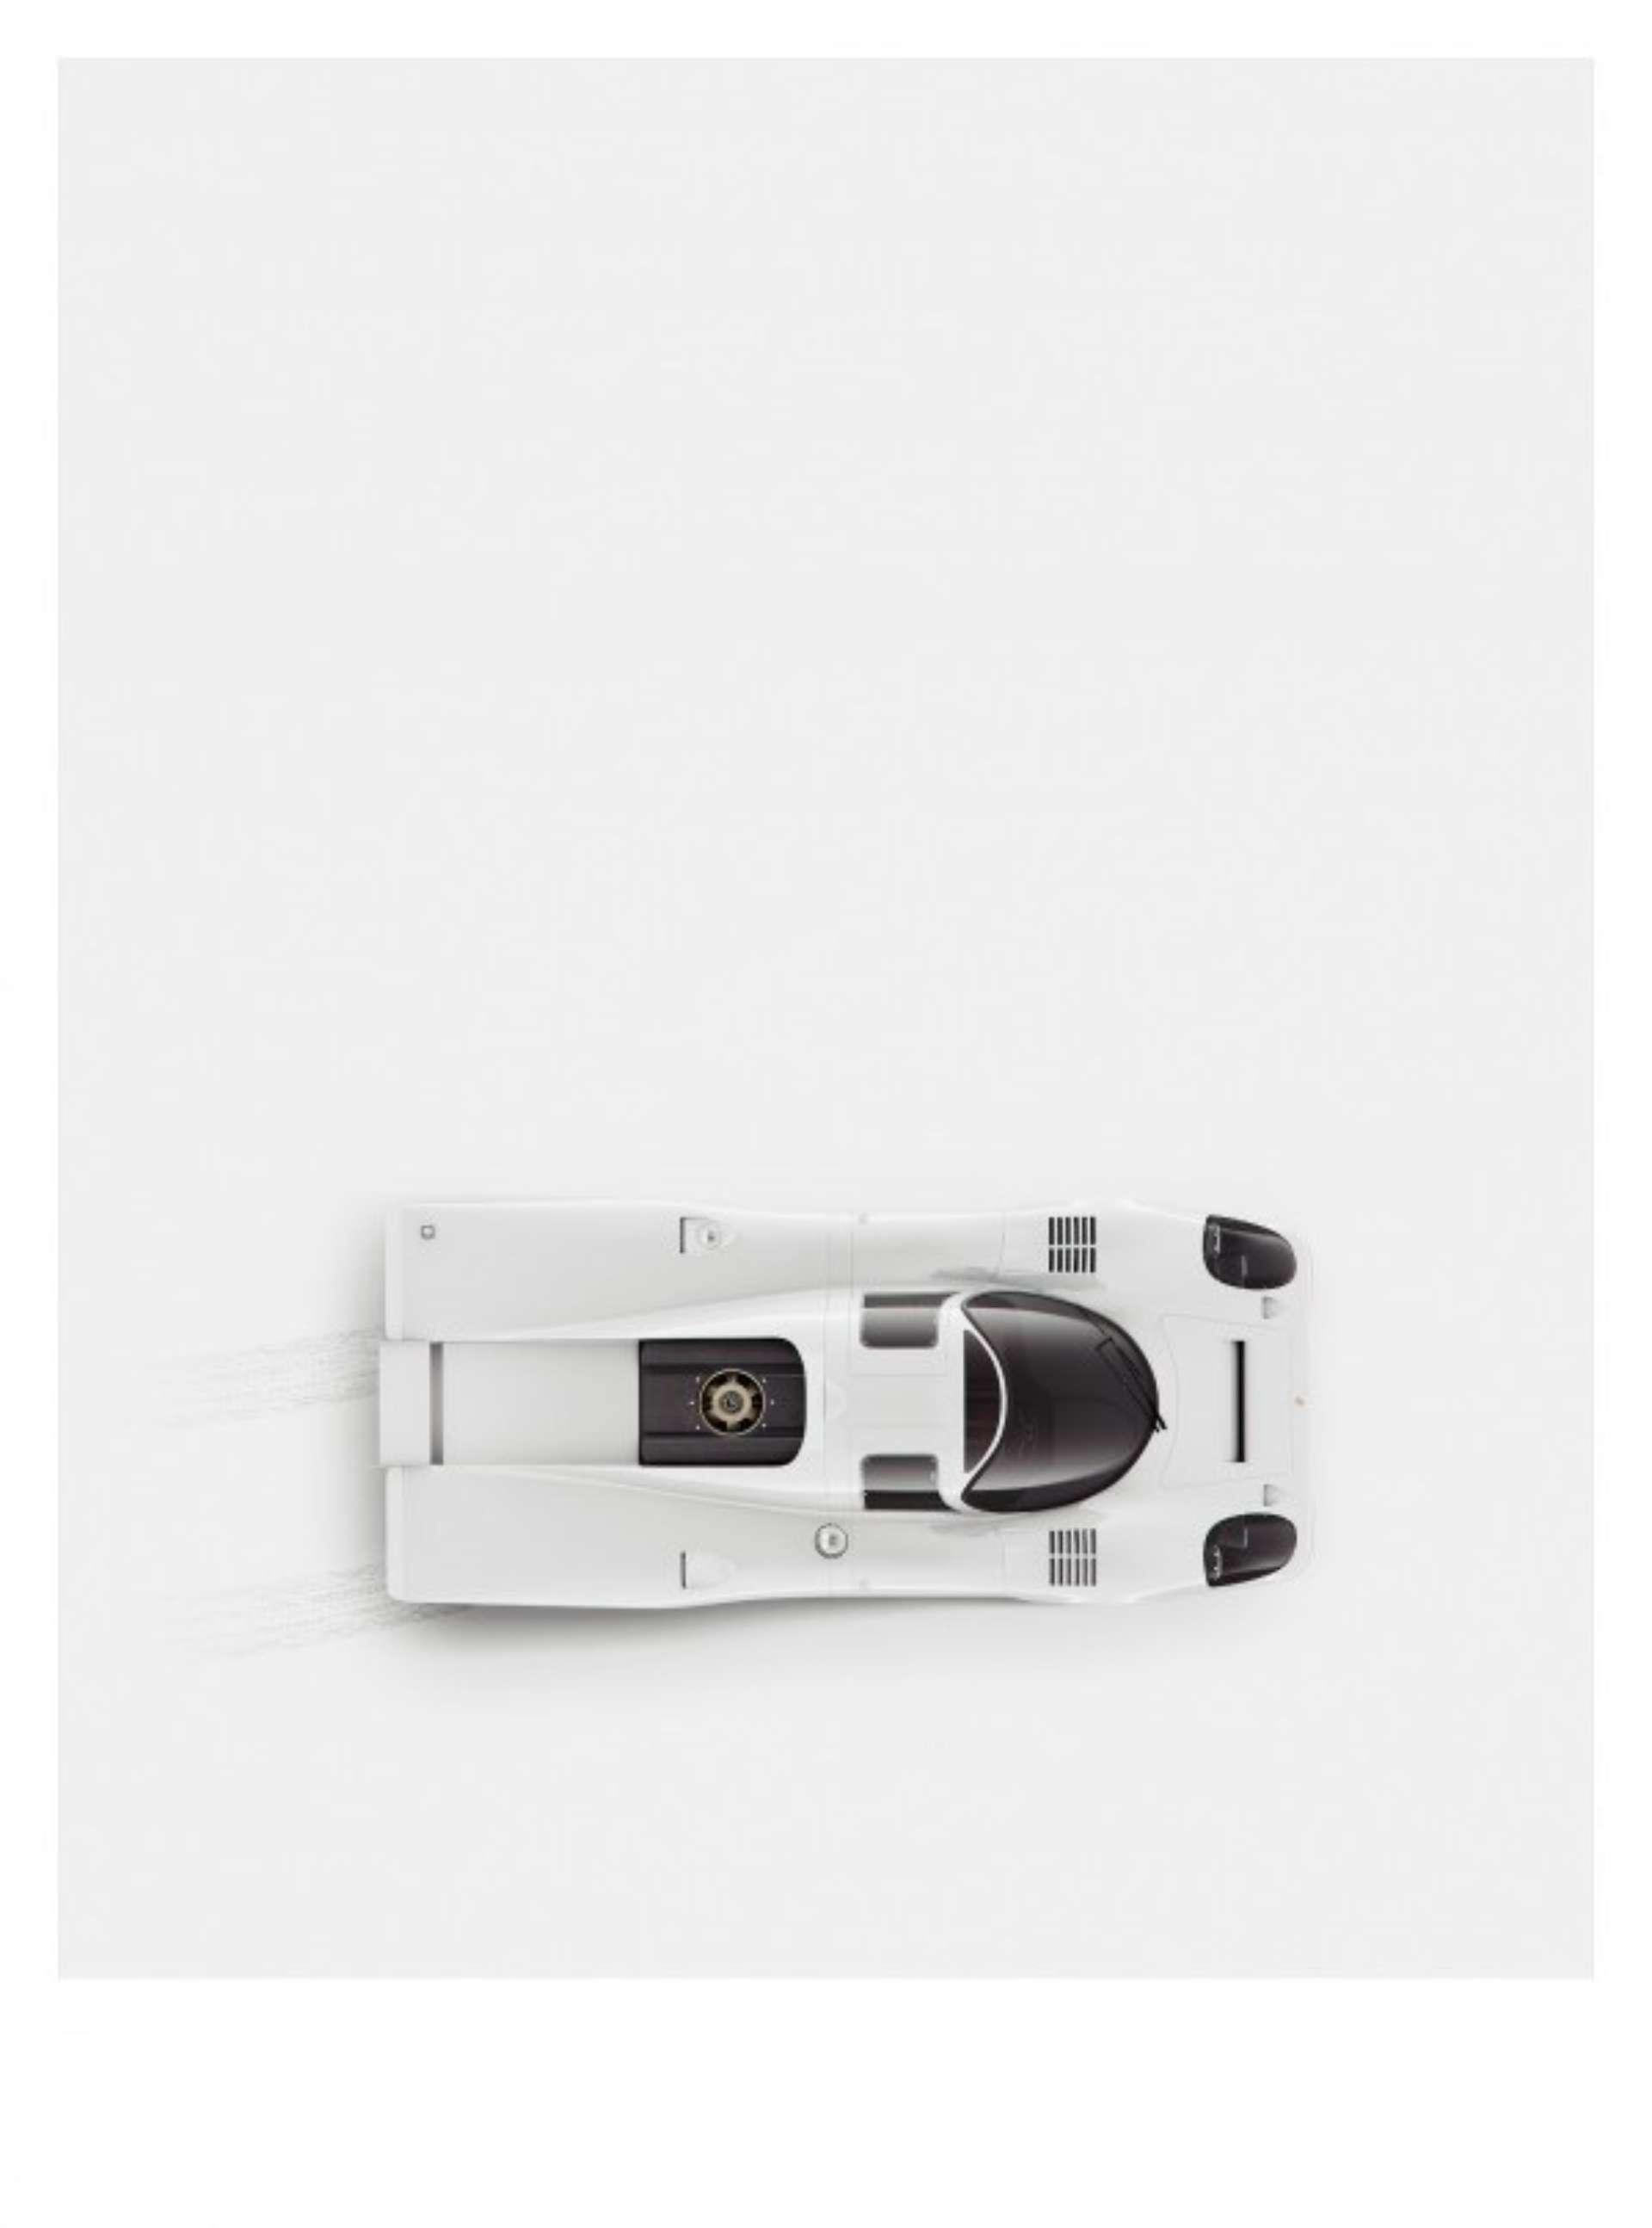 Porsche 917, минималистичный принт от We Are Ink